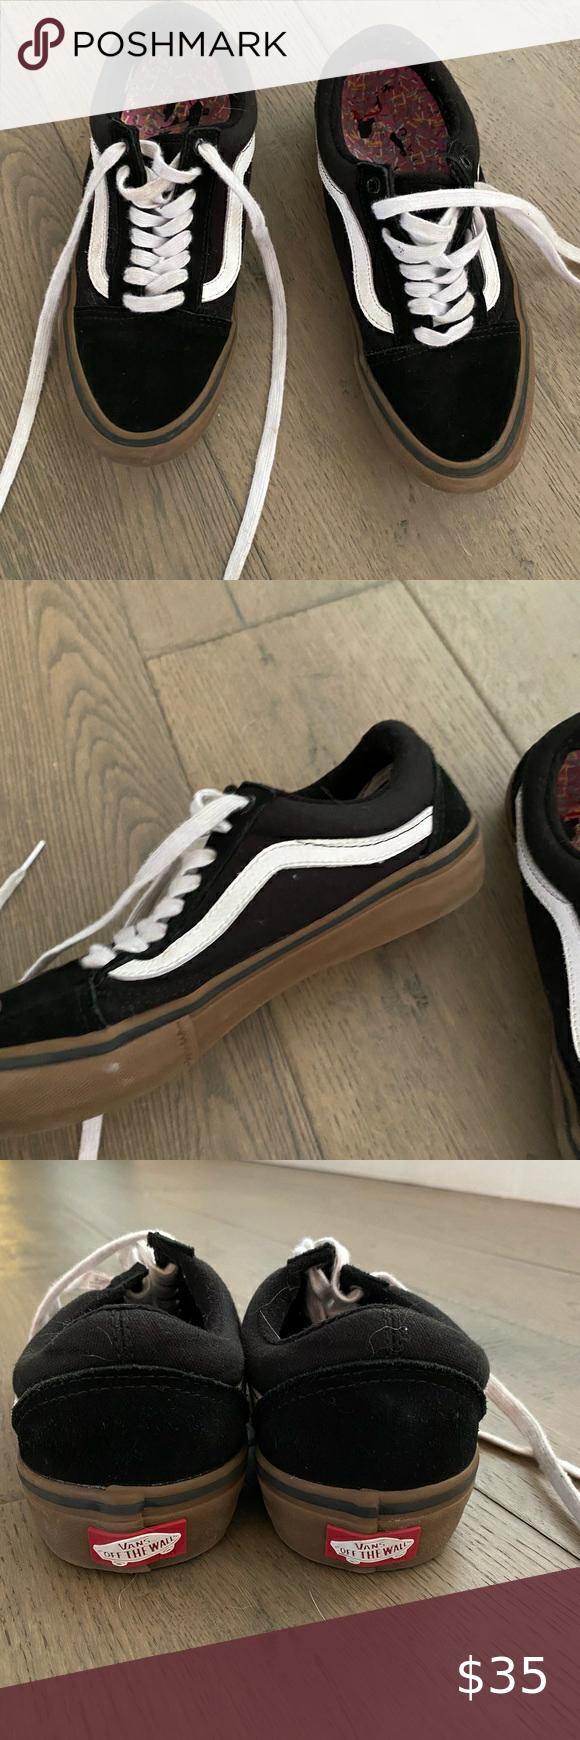 Vans old skool pro classic shoe men's